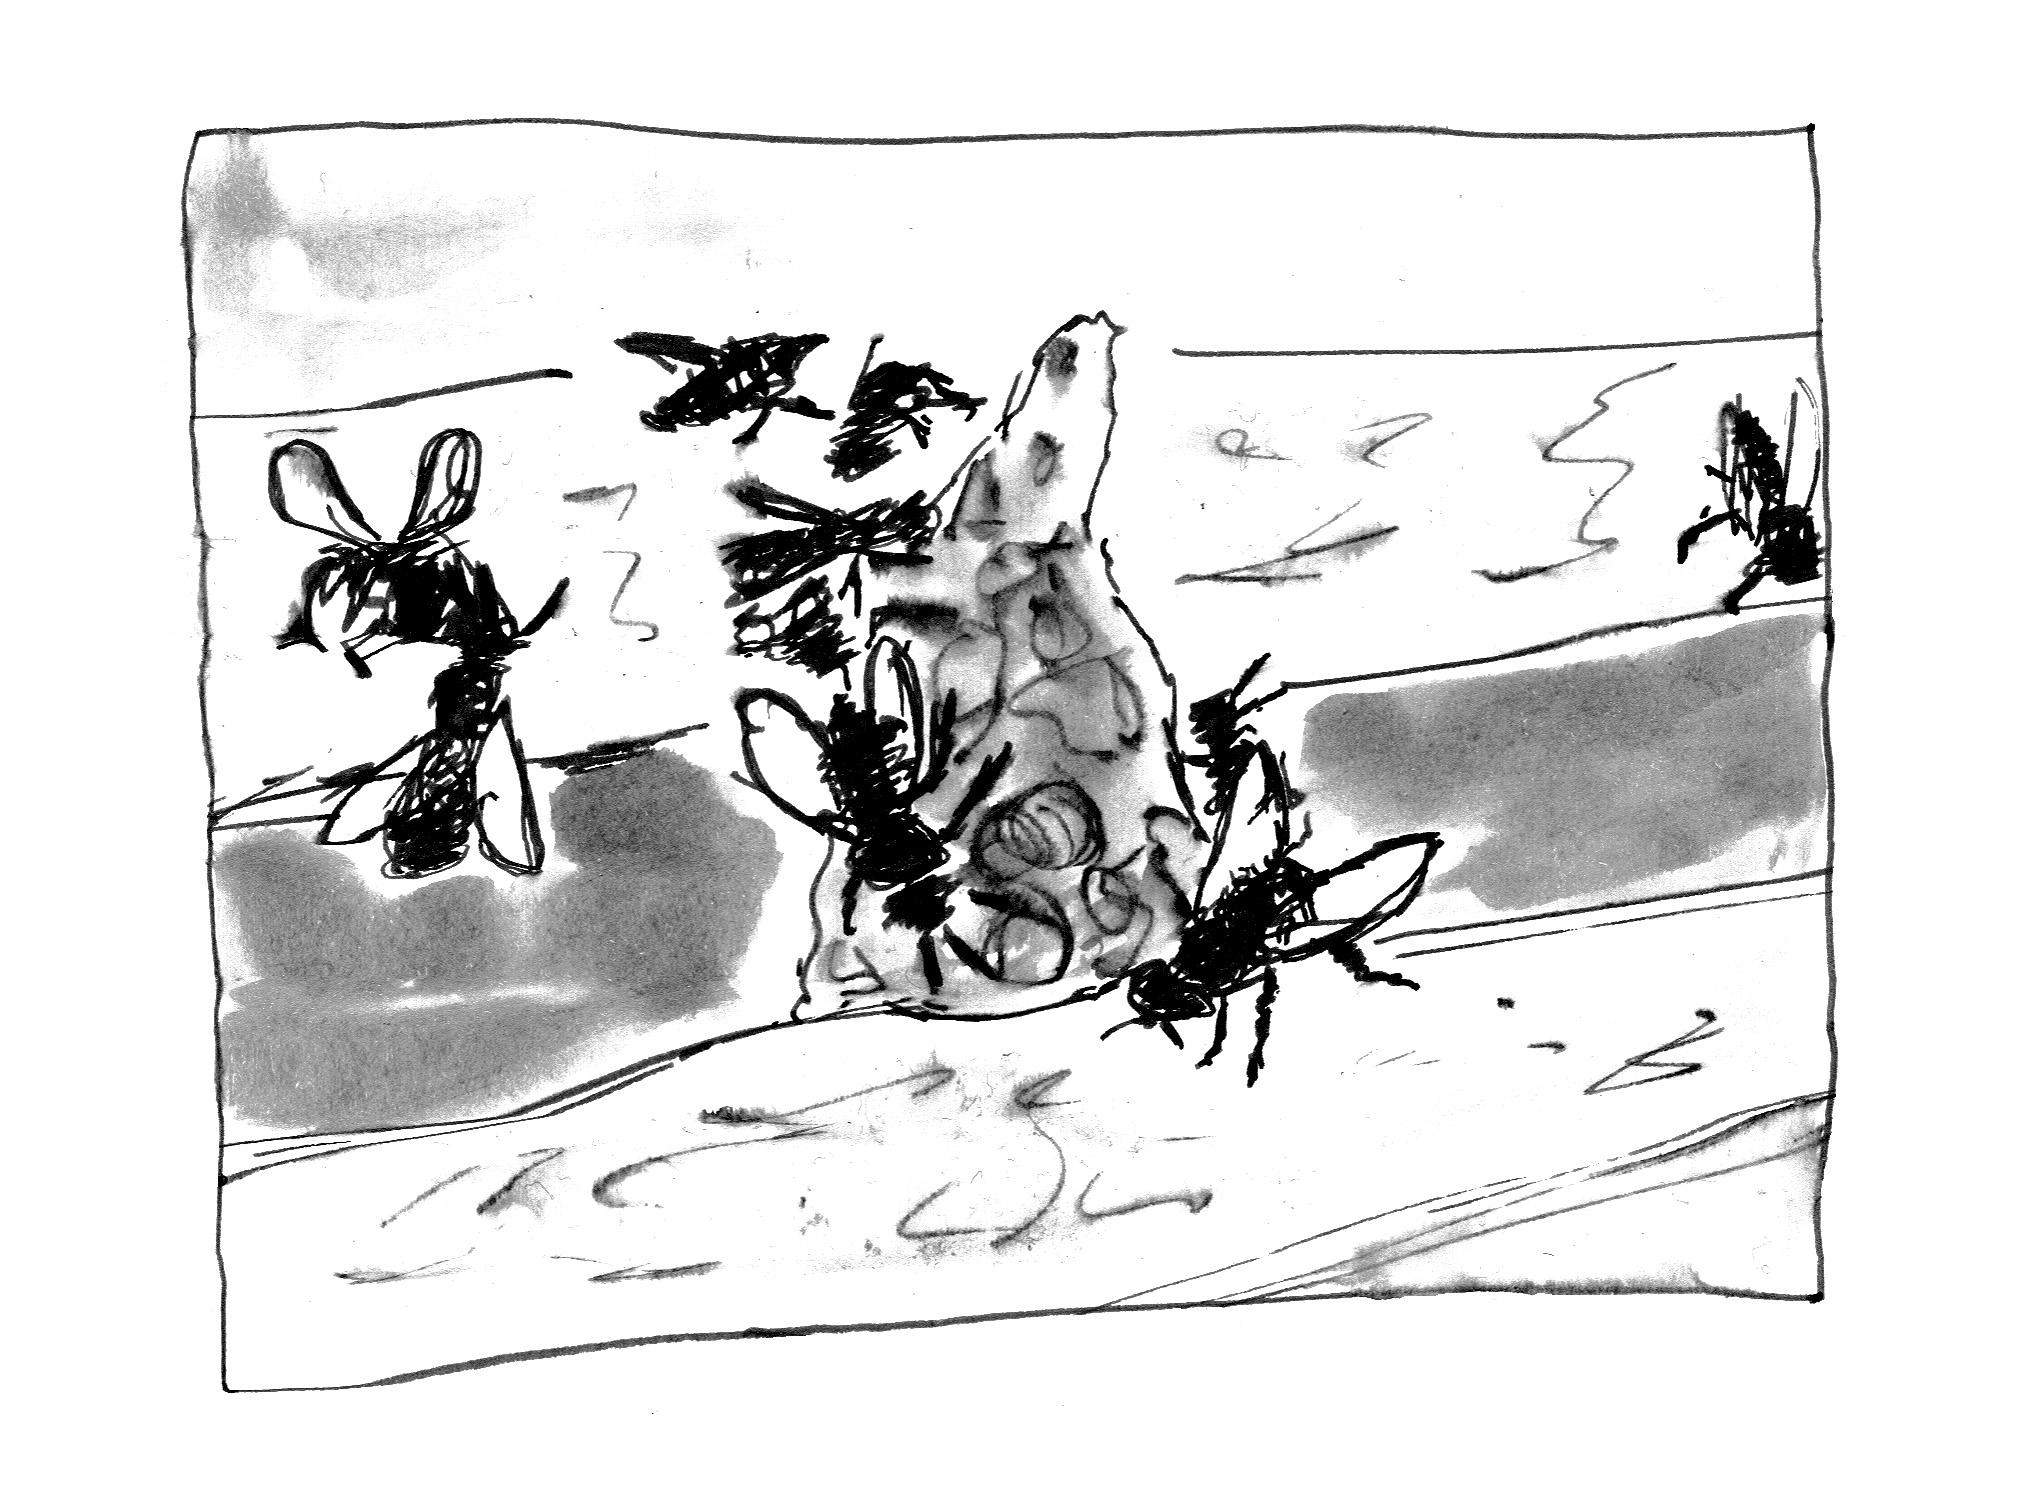 Tintezeichnung von Fliegen die ein Stück Irgendwas zwischen zwei Holzlatten begklettern.